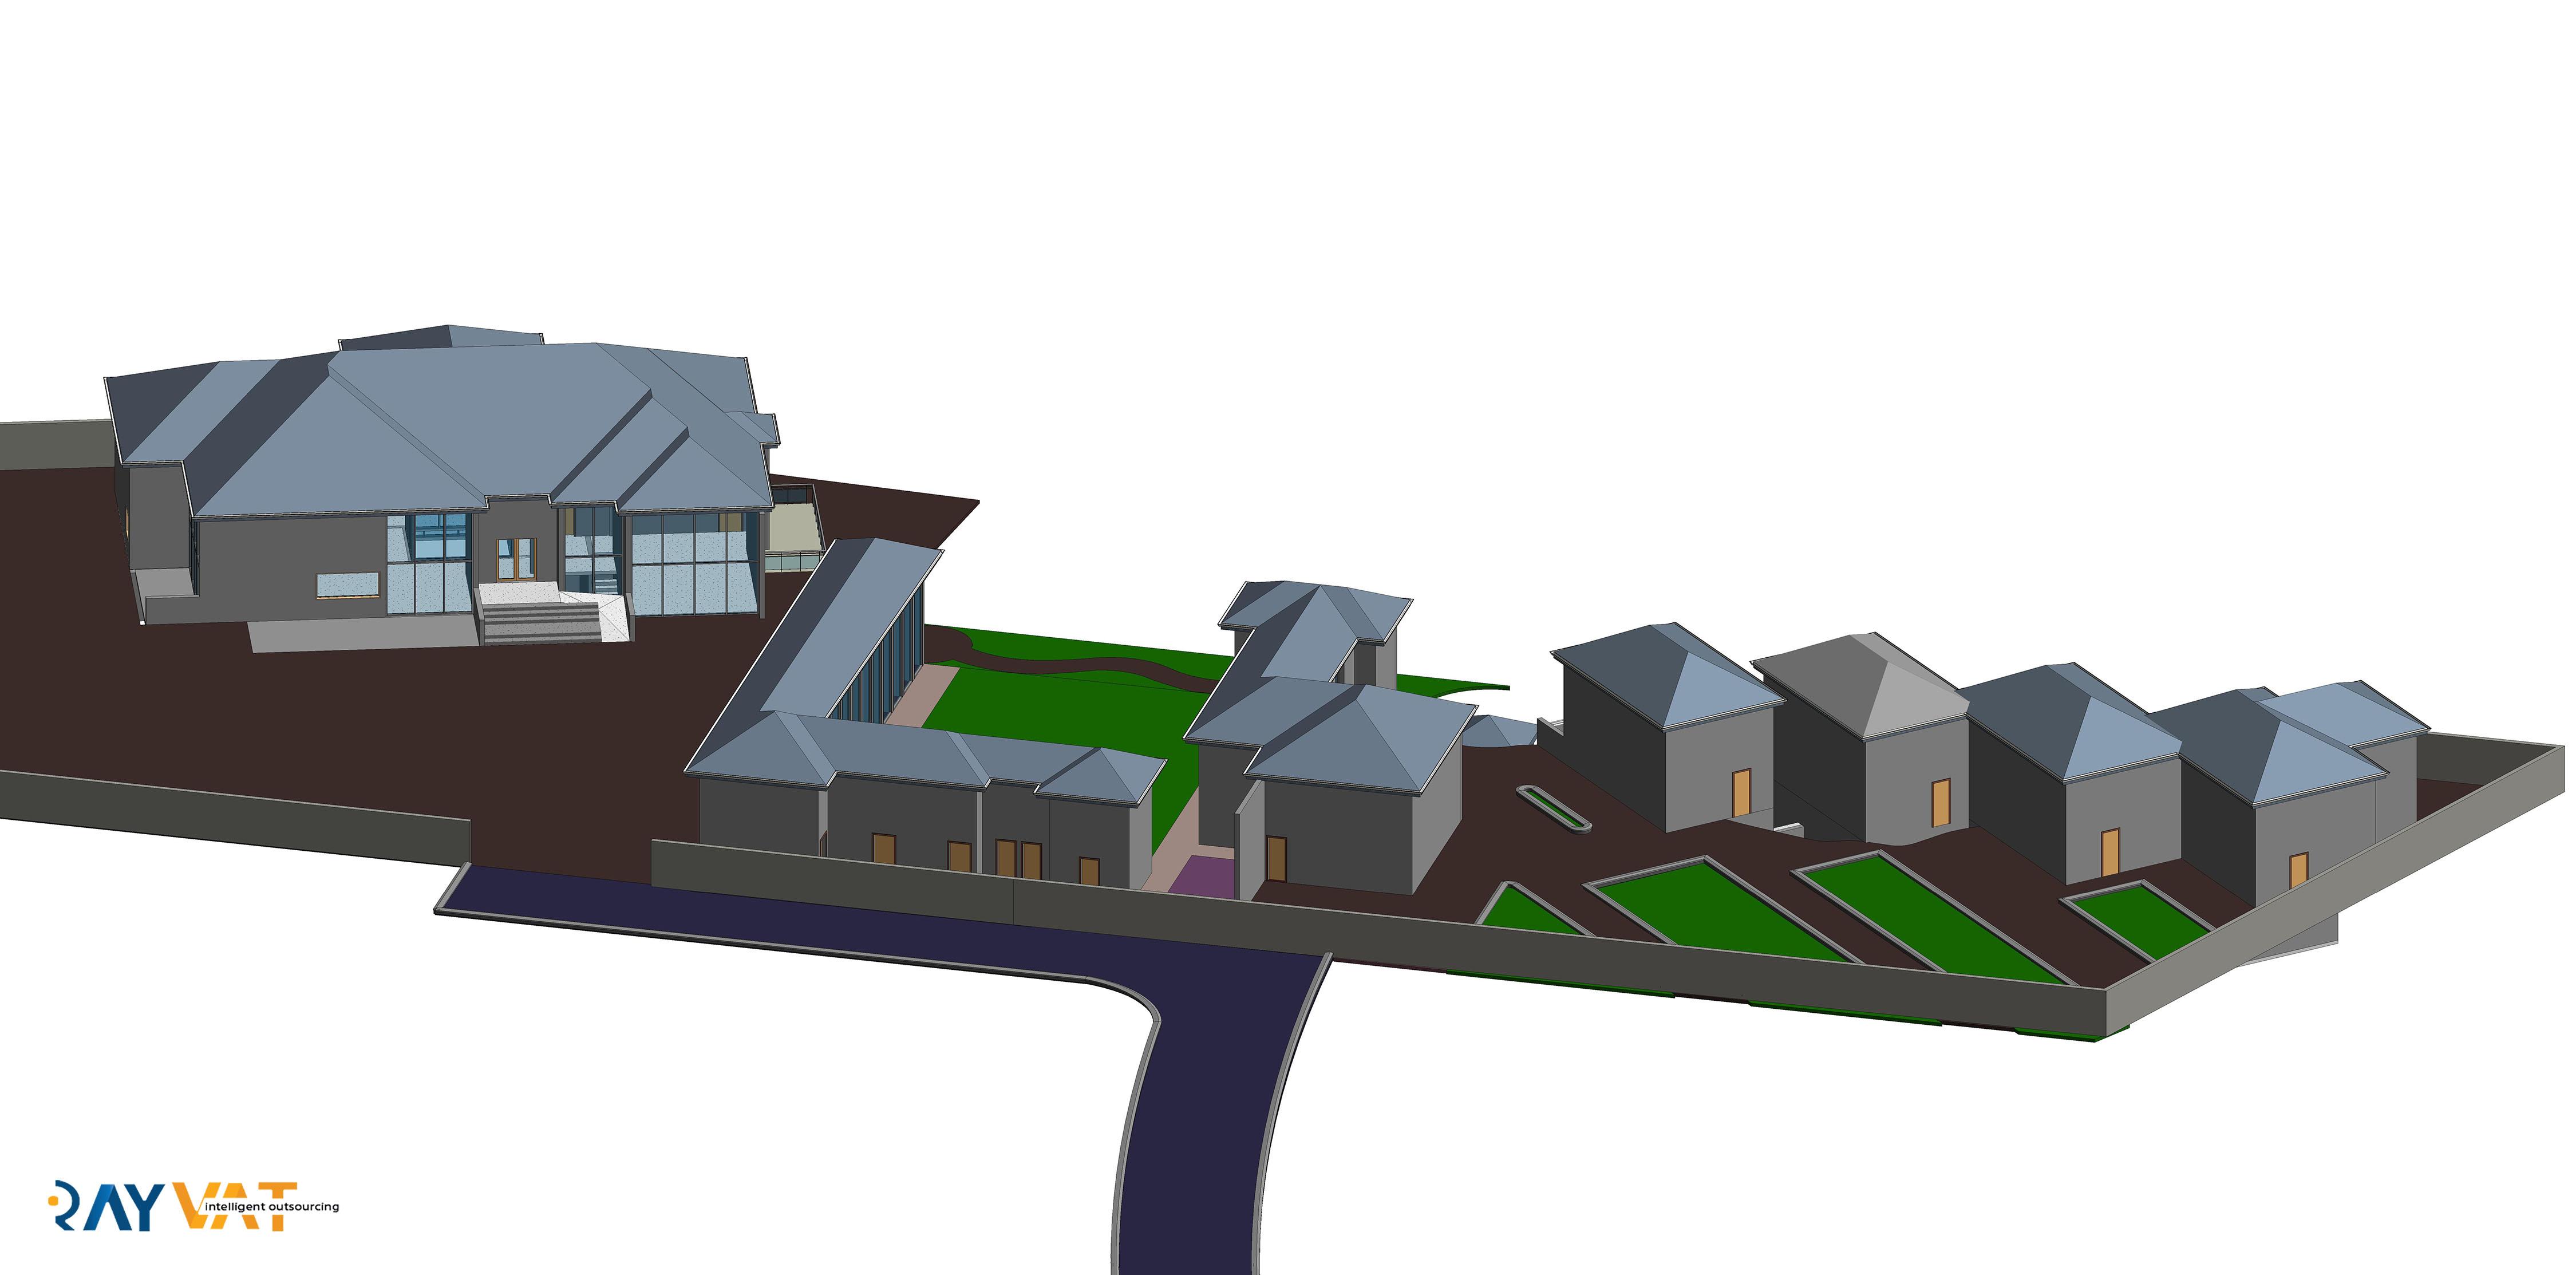 Revit 3D Architecture modeling